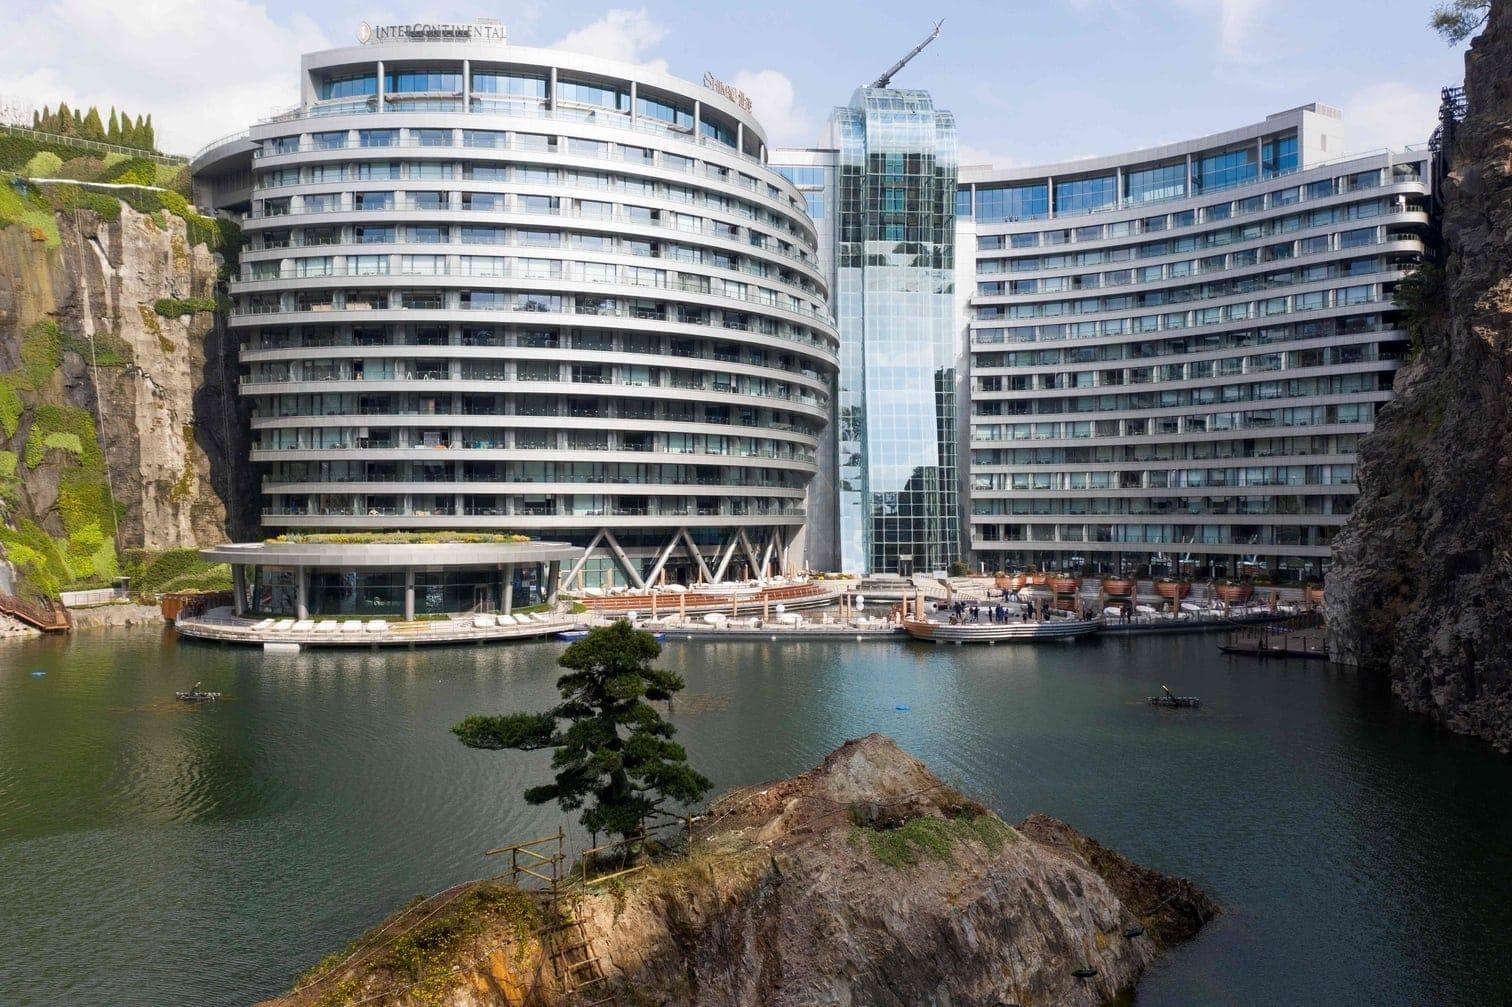 <p>Der britische Architekt Martin Jochman platzierte das 18-stöckige Intercontinental Shanghai Wonderland in die gewaltige Grube